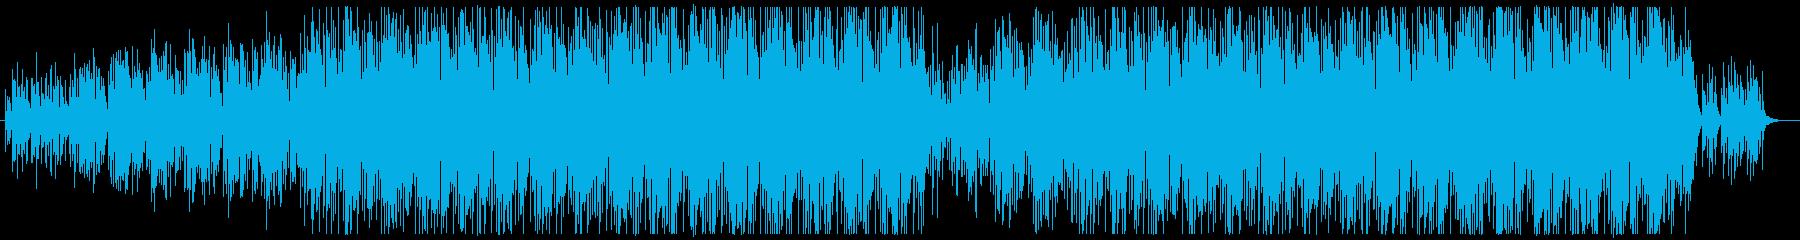 ミニマルなマリンバのアコースティックチルの再生済みの波形